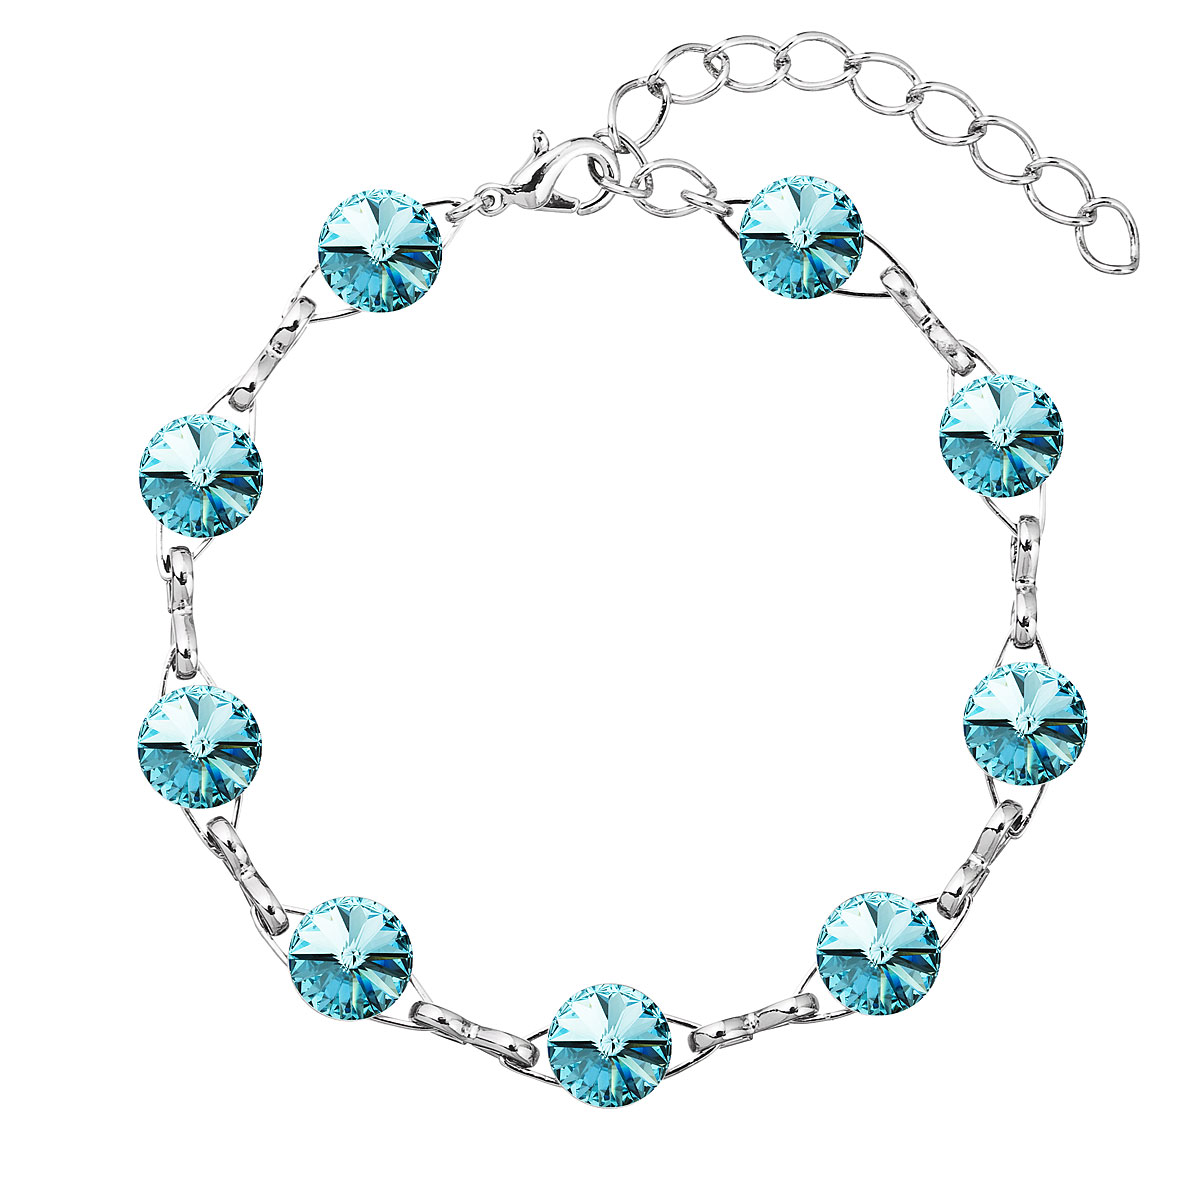 Náramek bižuterie se Swarovski krystaly modrý 53001.3 light turquoise